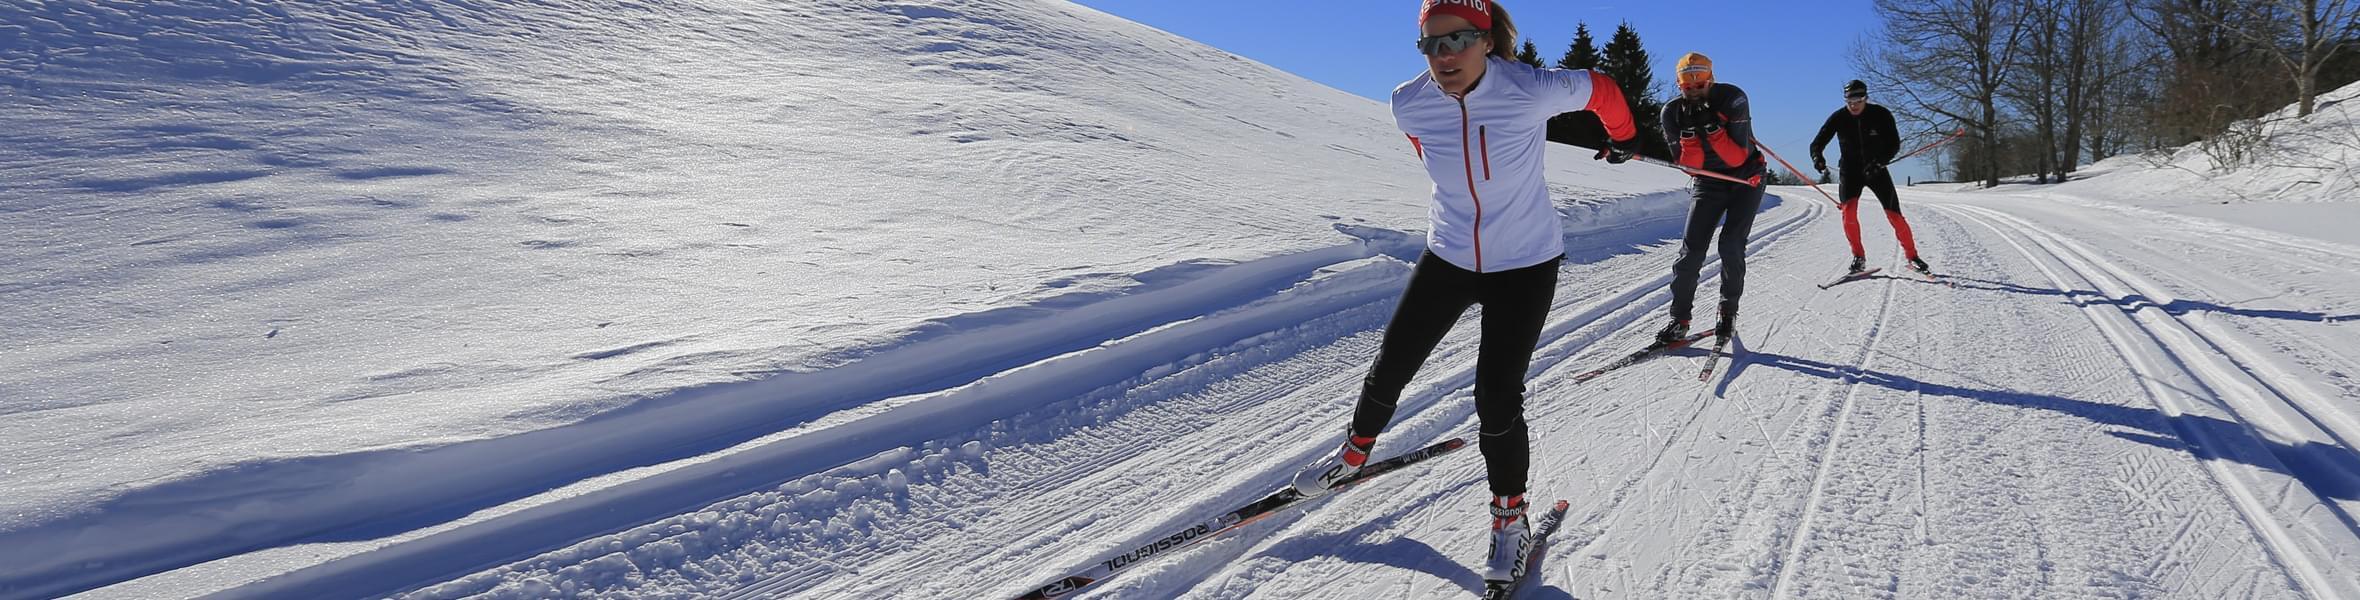 aab962ddd91 Jak vybrat běžky - Ski a Bike Centrum Radotín